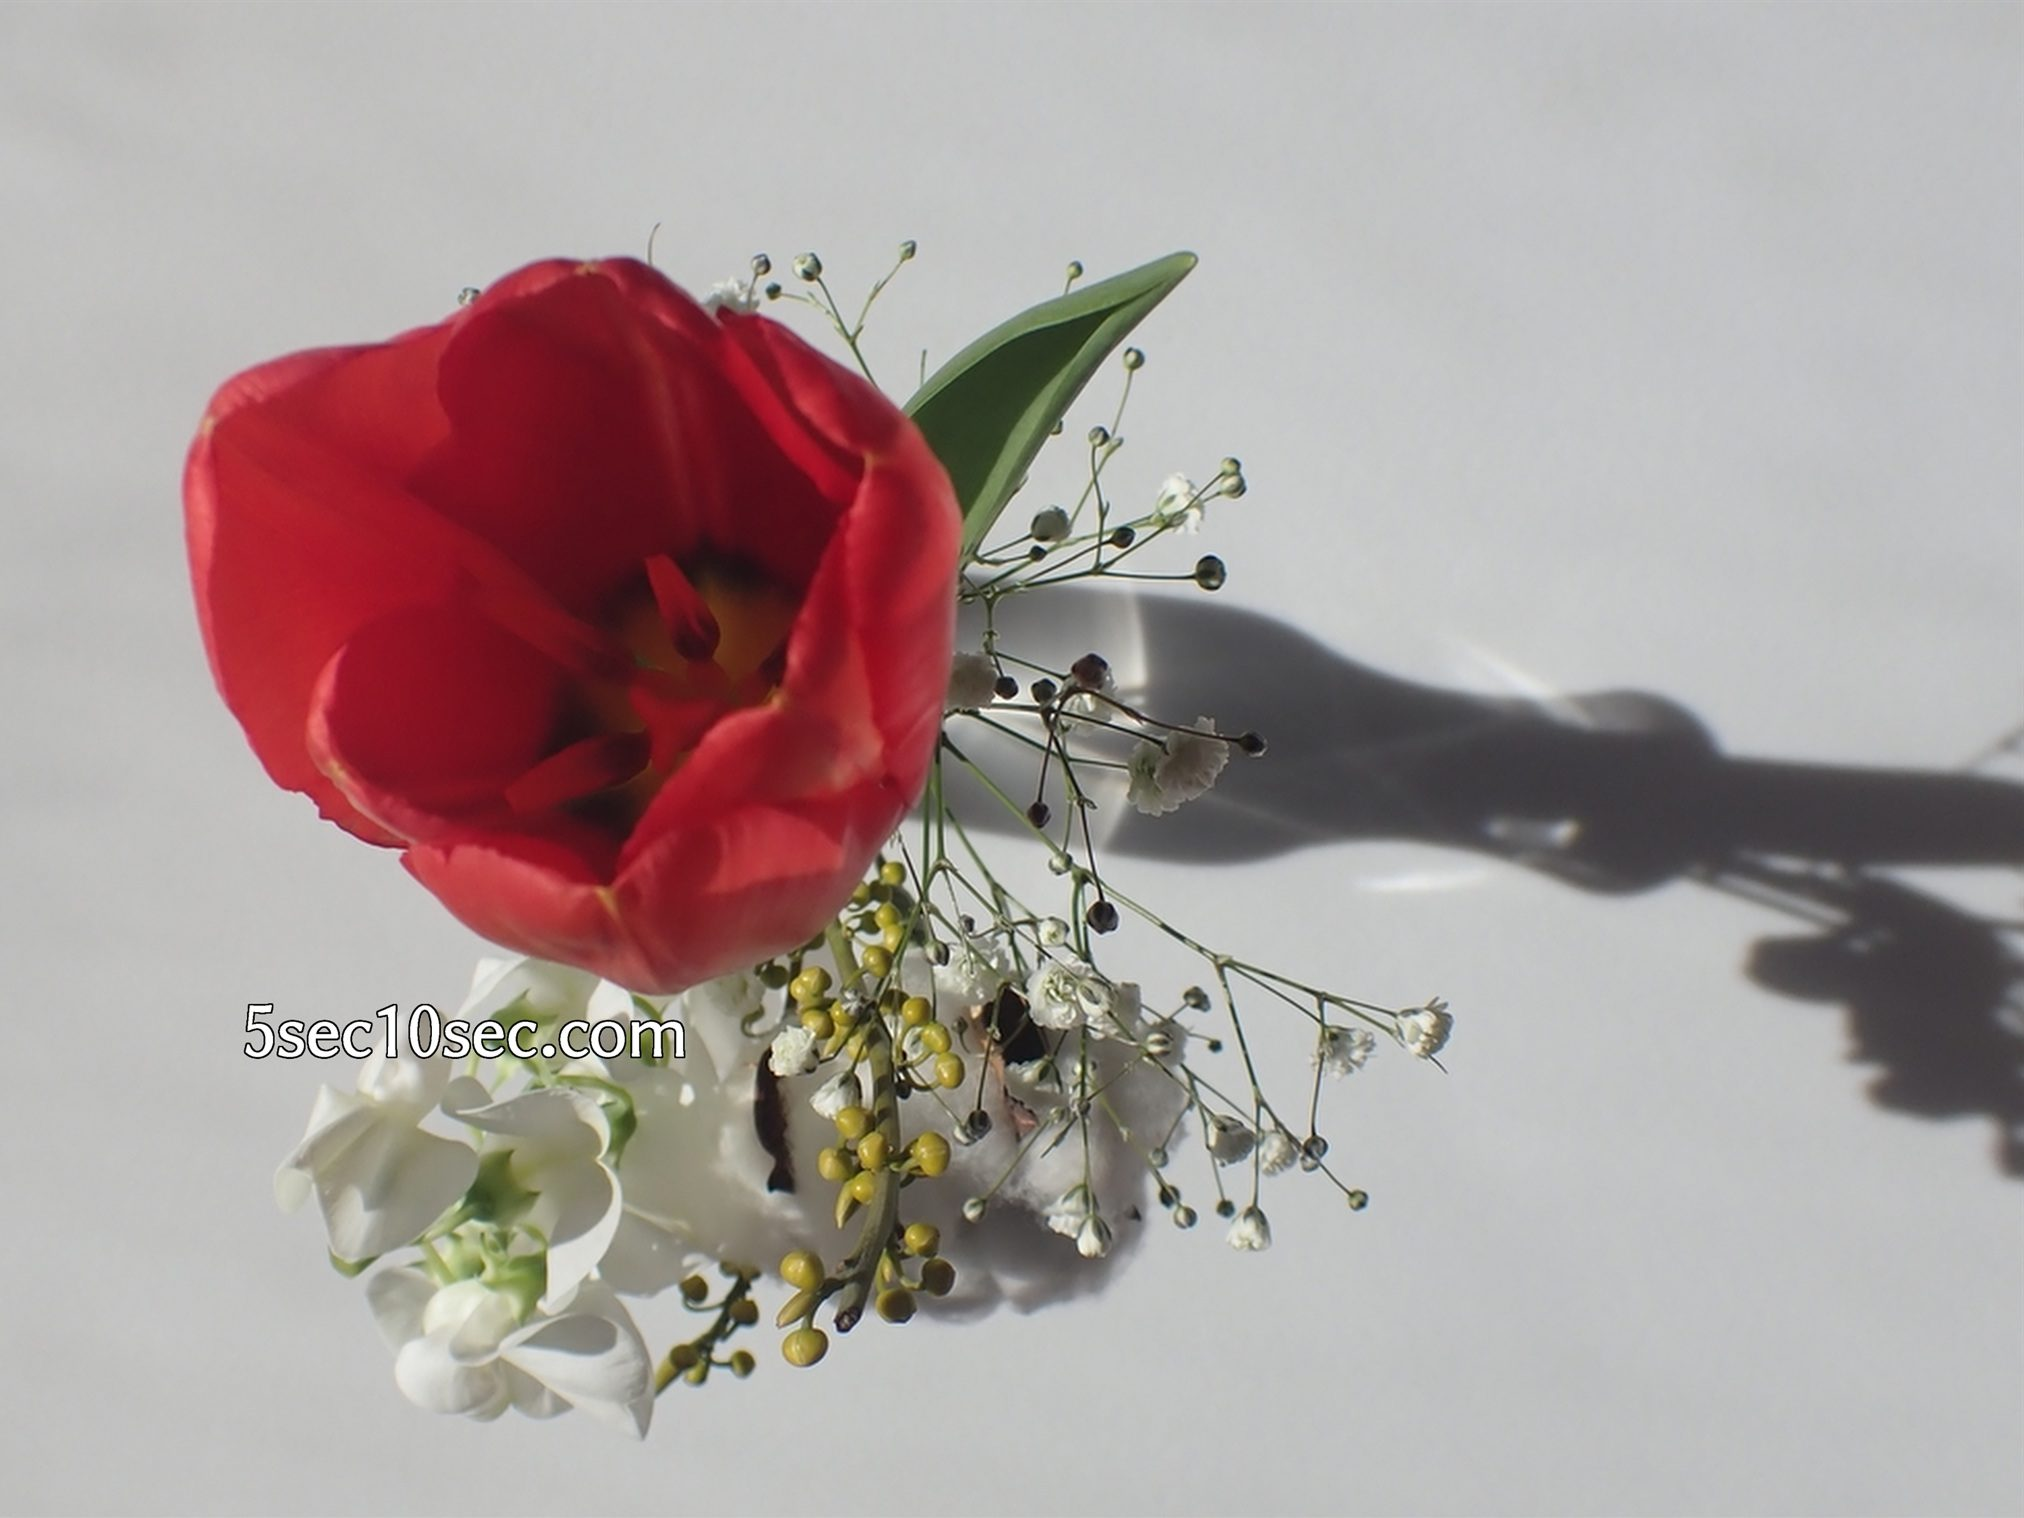 株式会社Crunch Style お花の定期便 Bloomee LIFE ブルーミーライフ 暖かい温度と太陽光の明るさで、チューリップの蕾が少し開きました